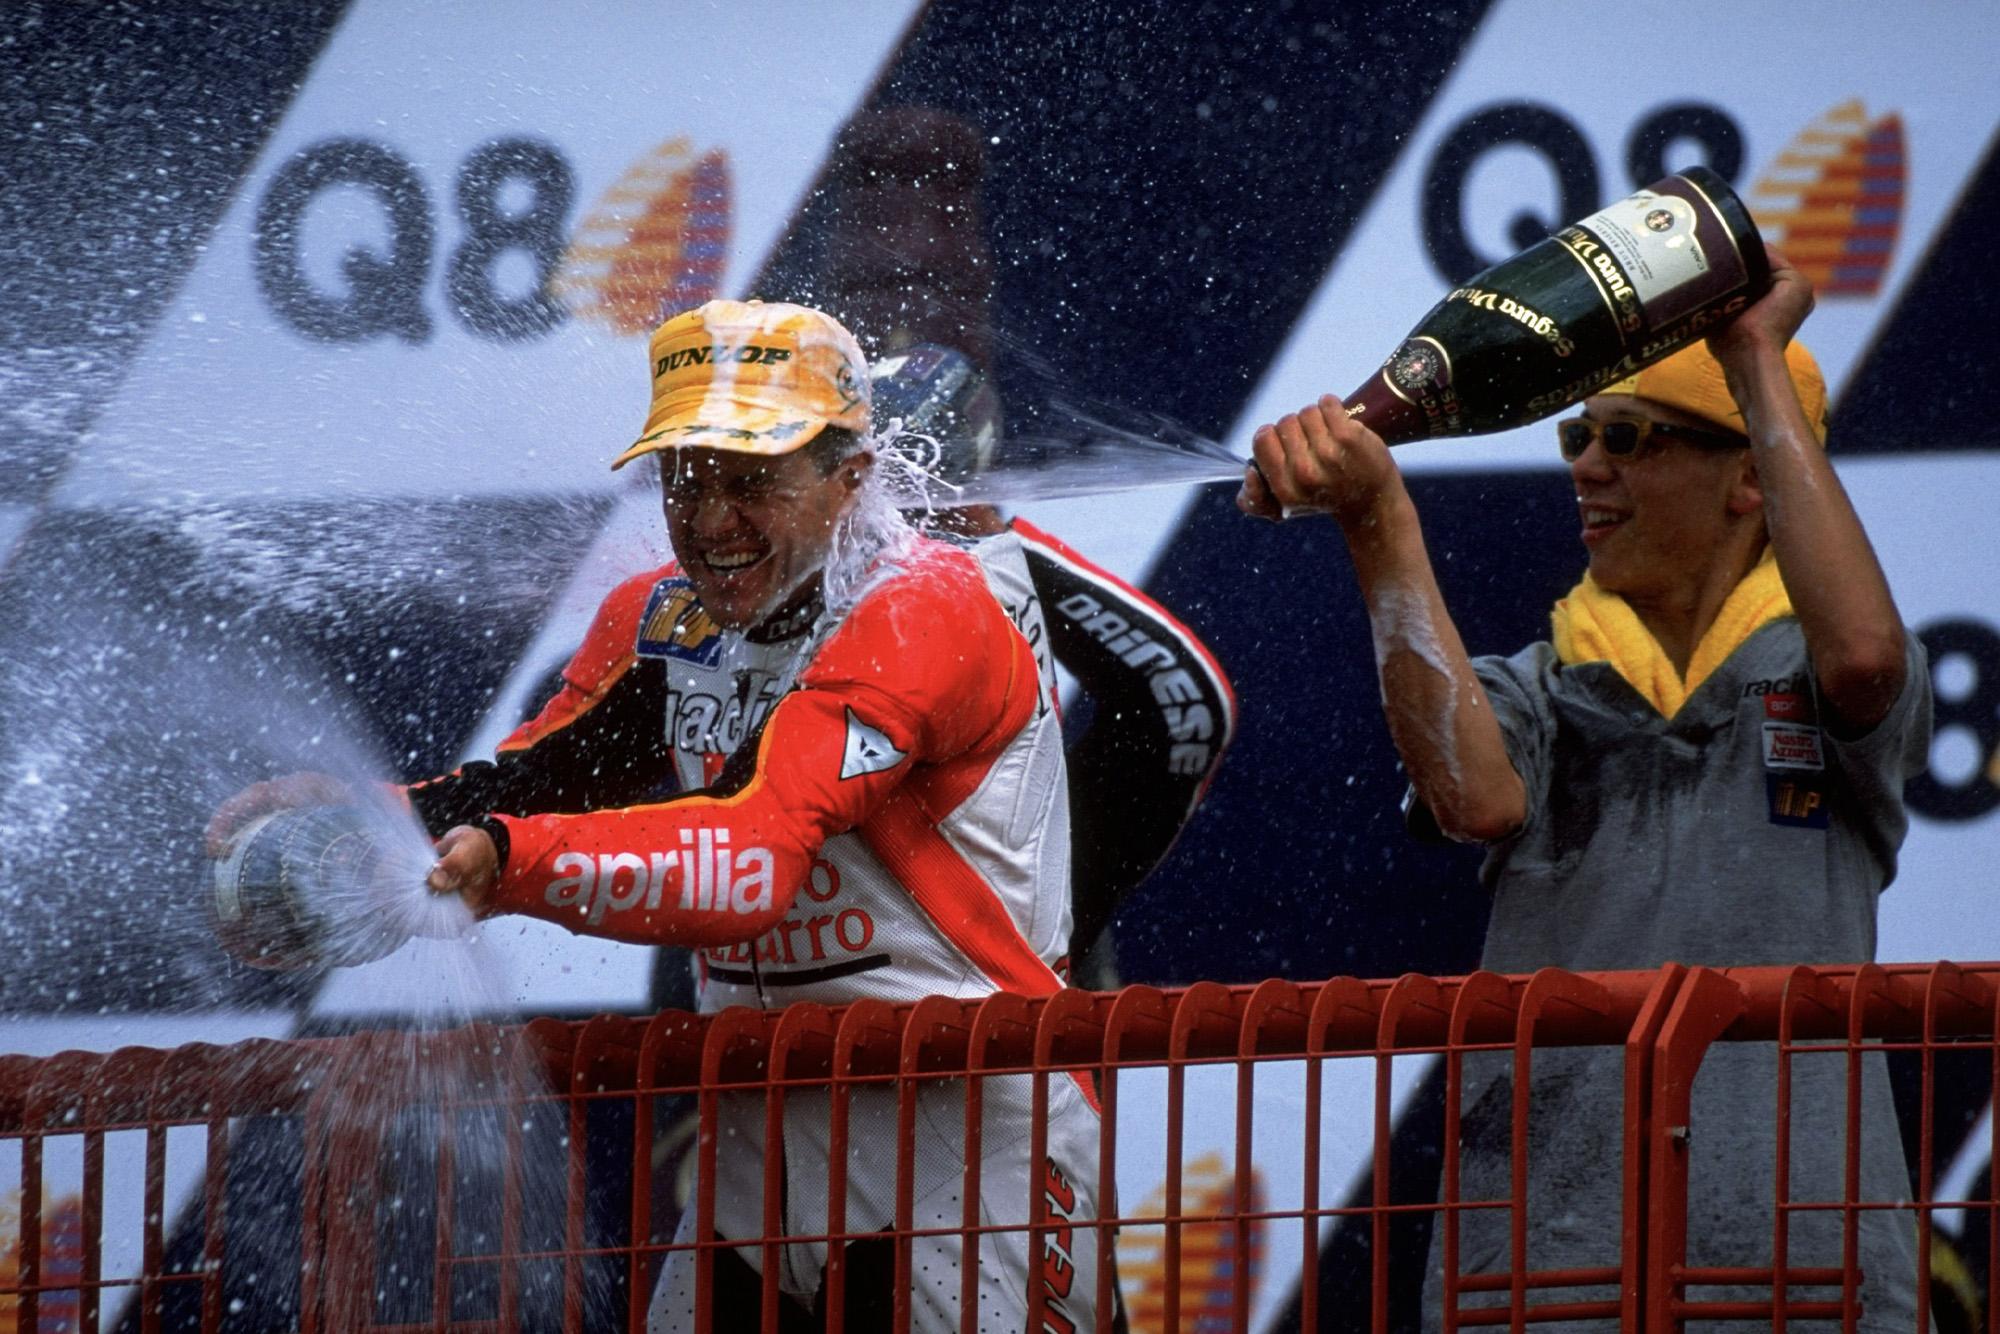 Valentino Rossi in beach gear on the podium at Mugello in 1998